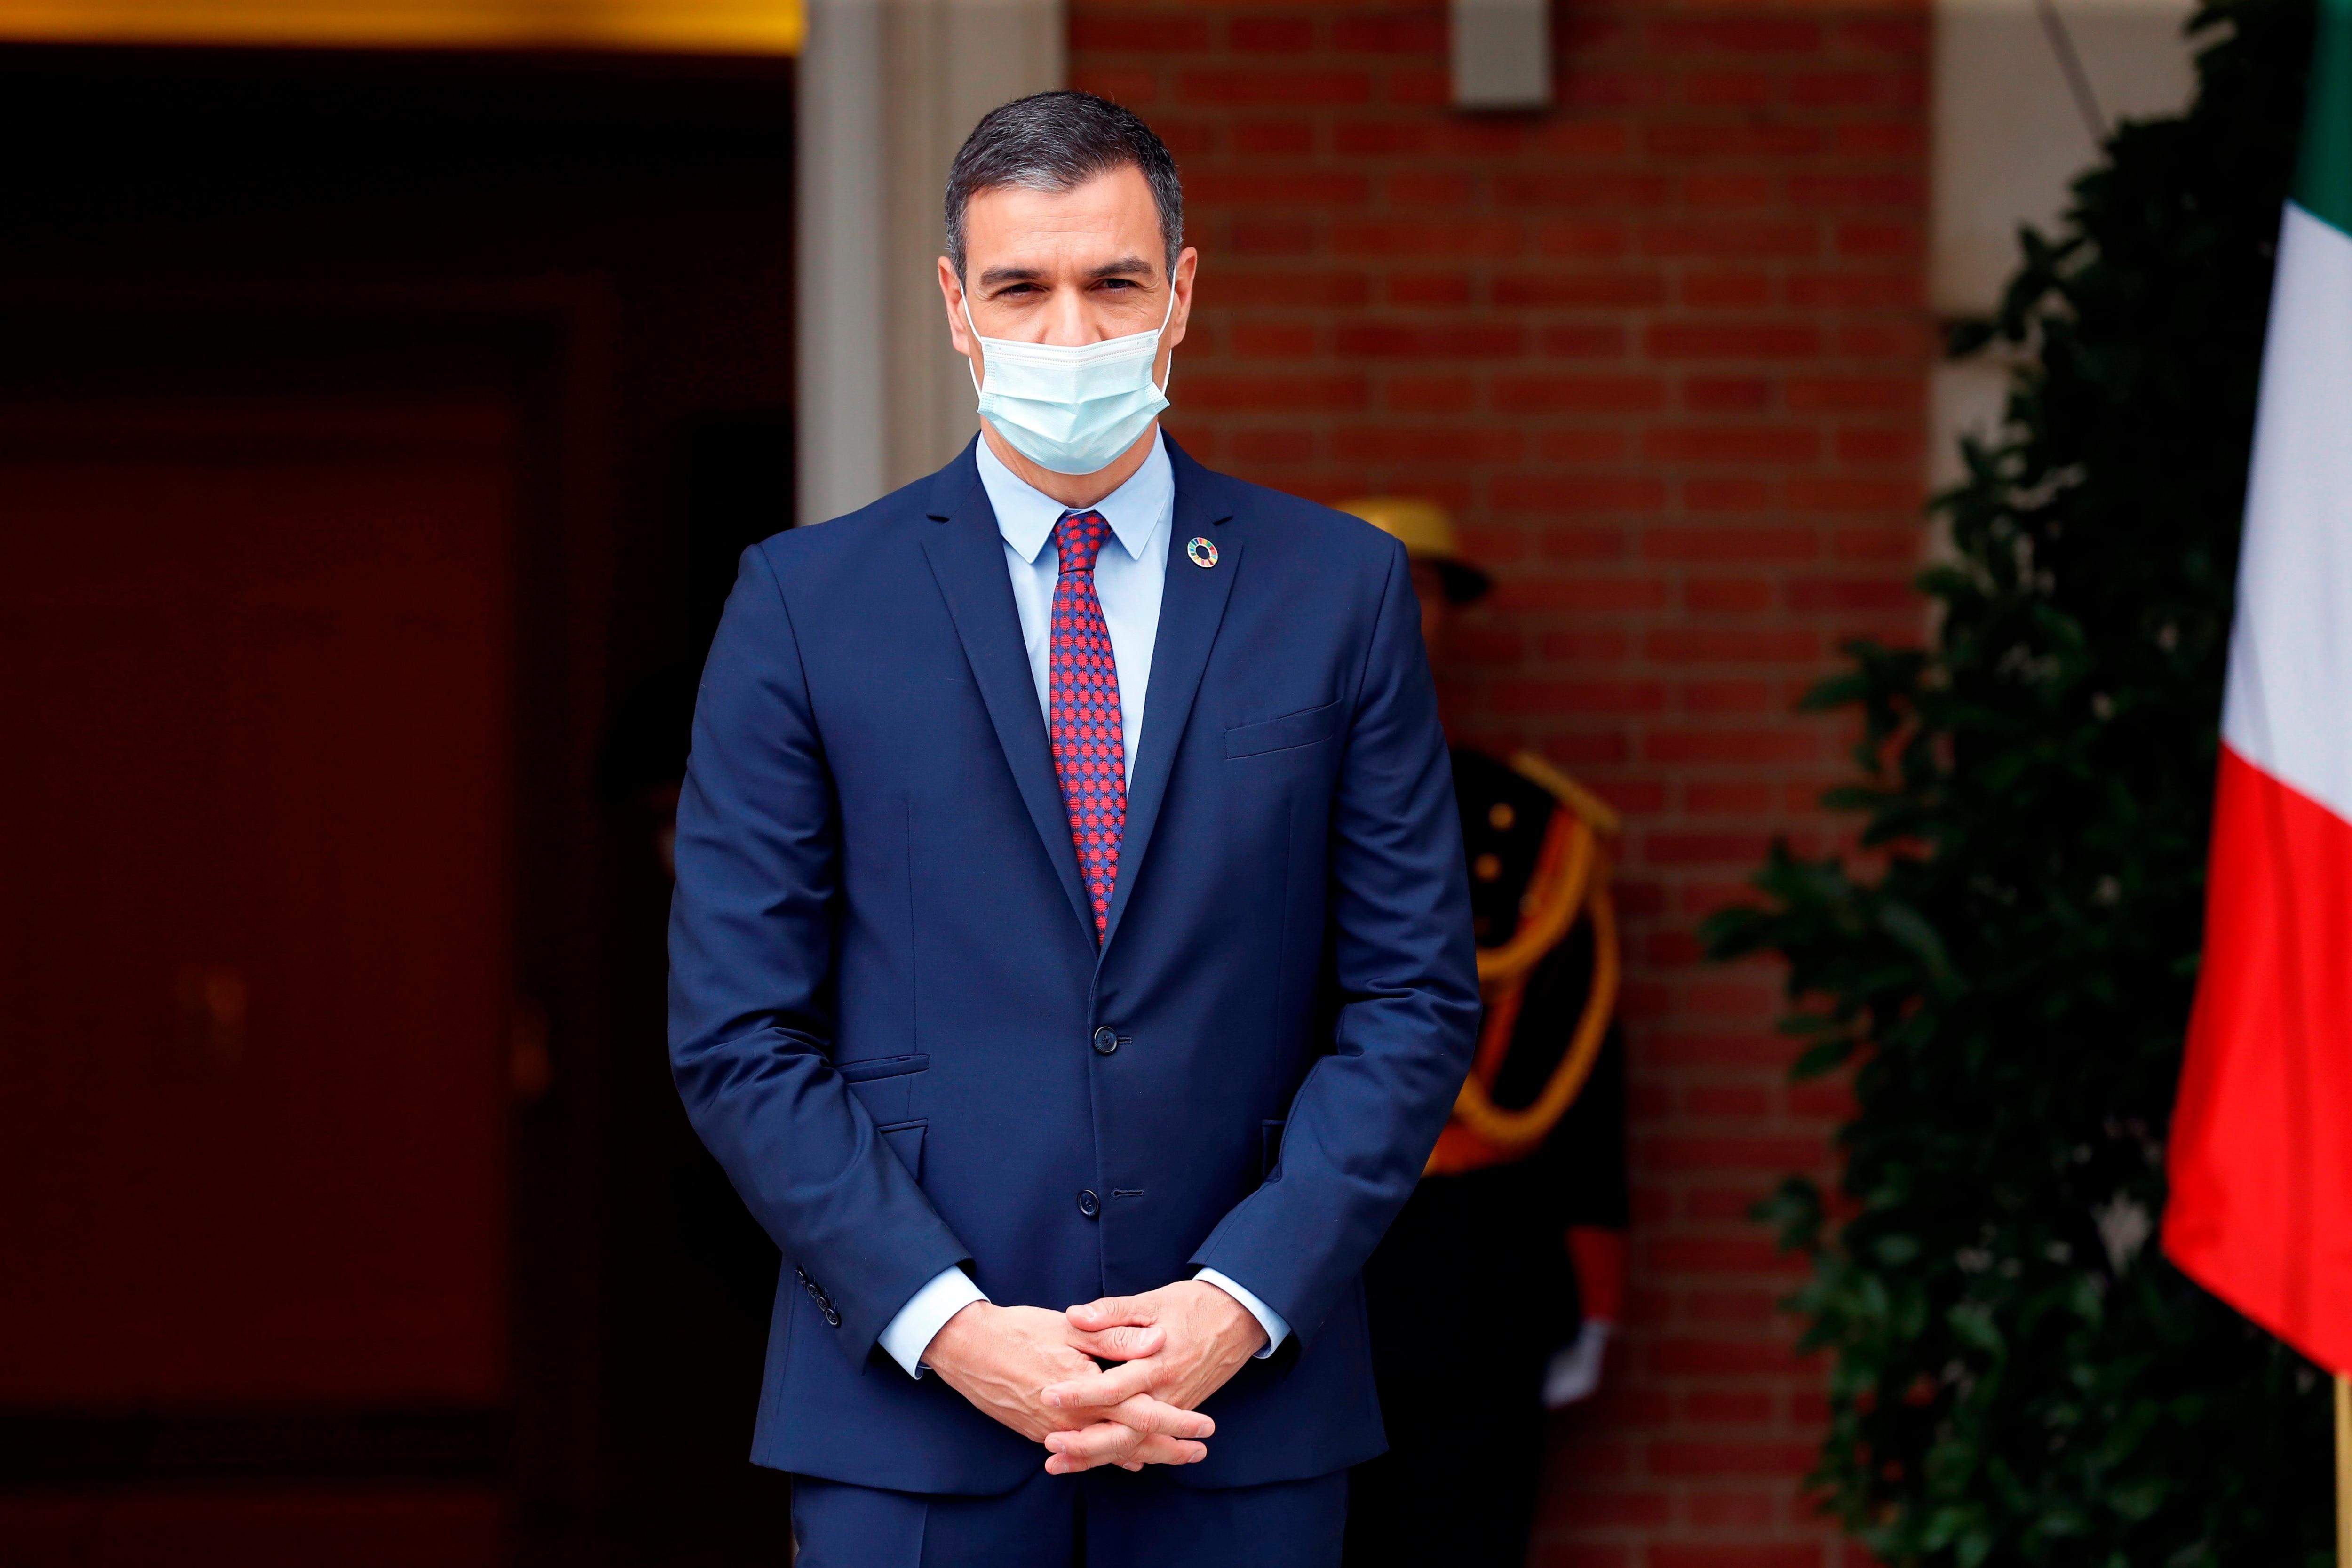 El presidente del Gobierno español, Pedro Sánchez, espera en la puerta del Palacio de la Moncloa. EFE/Chema Moya/Archivo